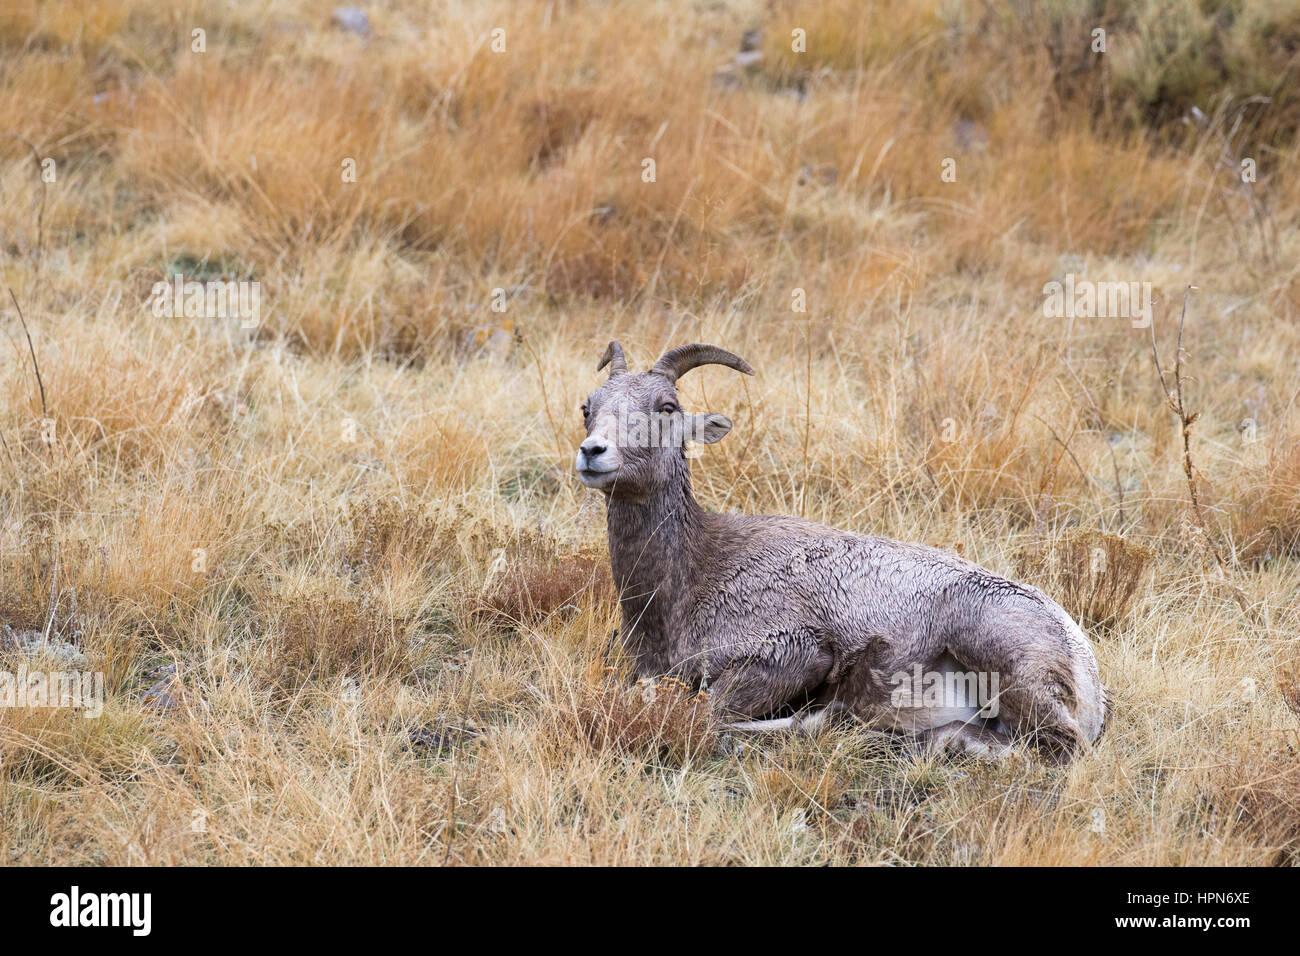 La hora de la siesta para el borrego cimarrón ewe, tiempo de rumia en hierba Imagen De Stock